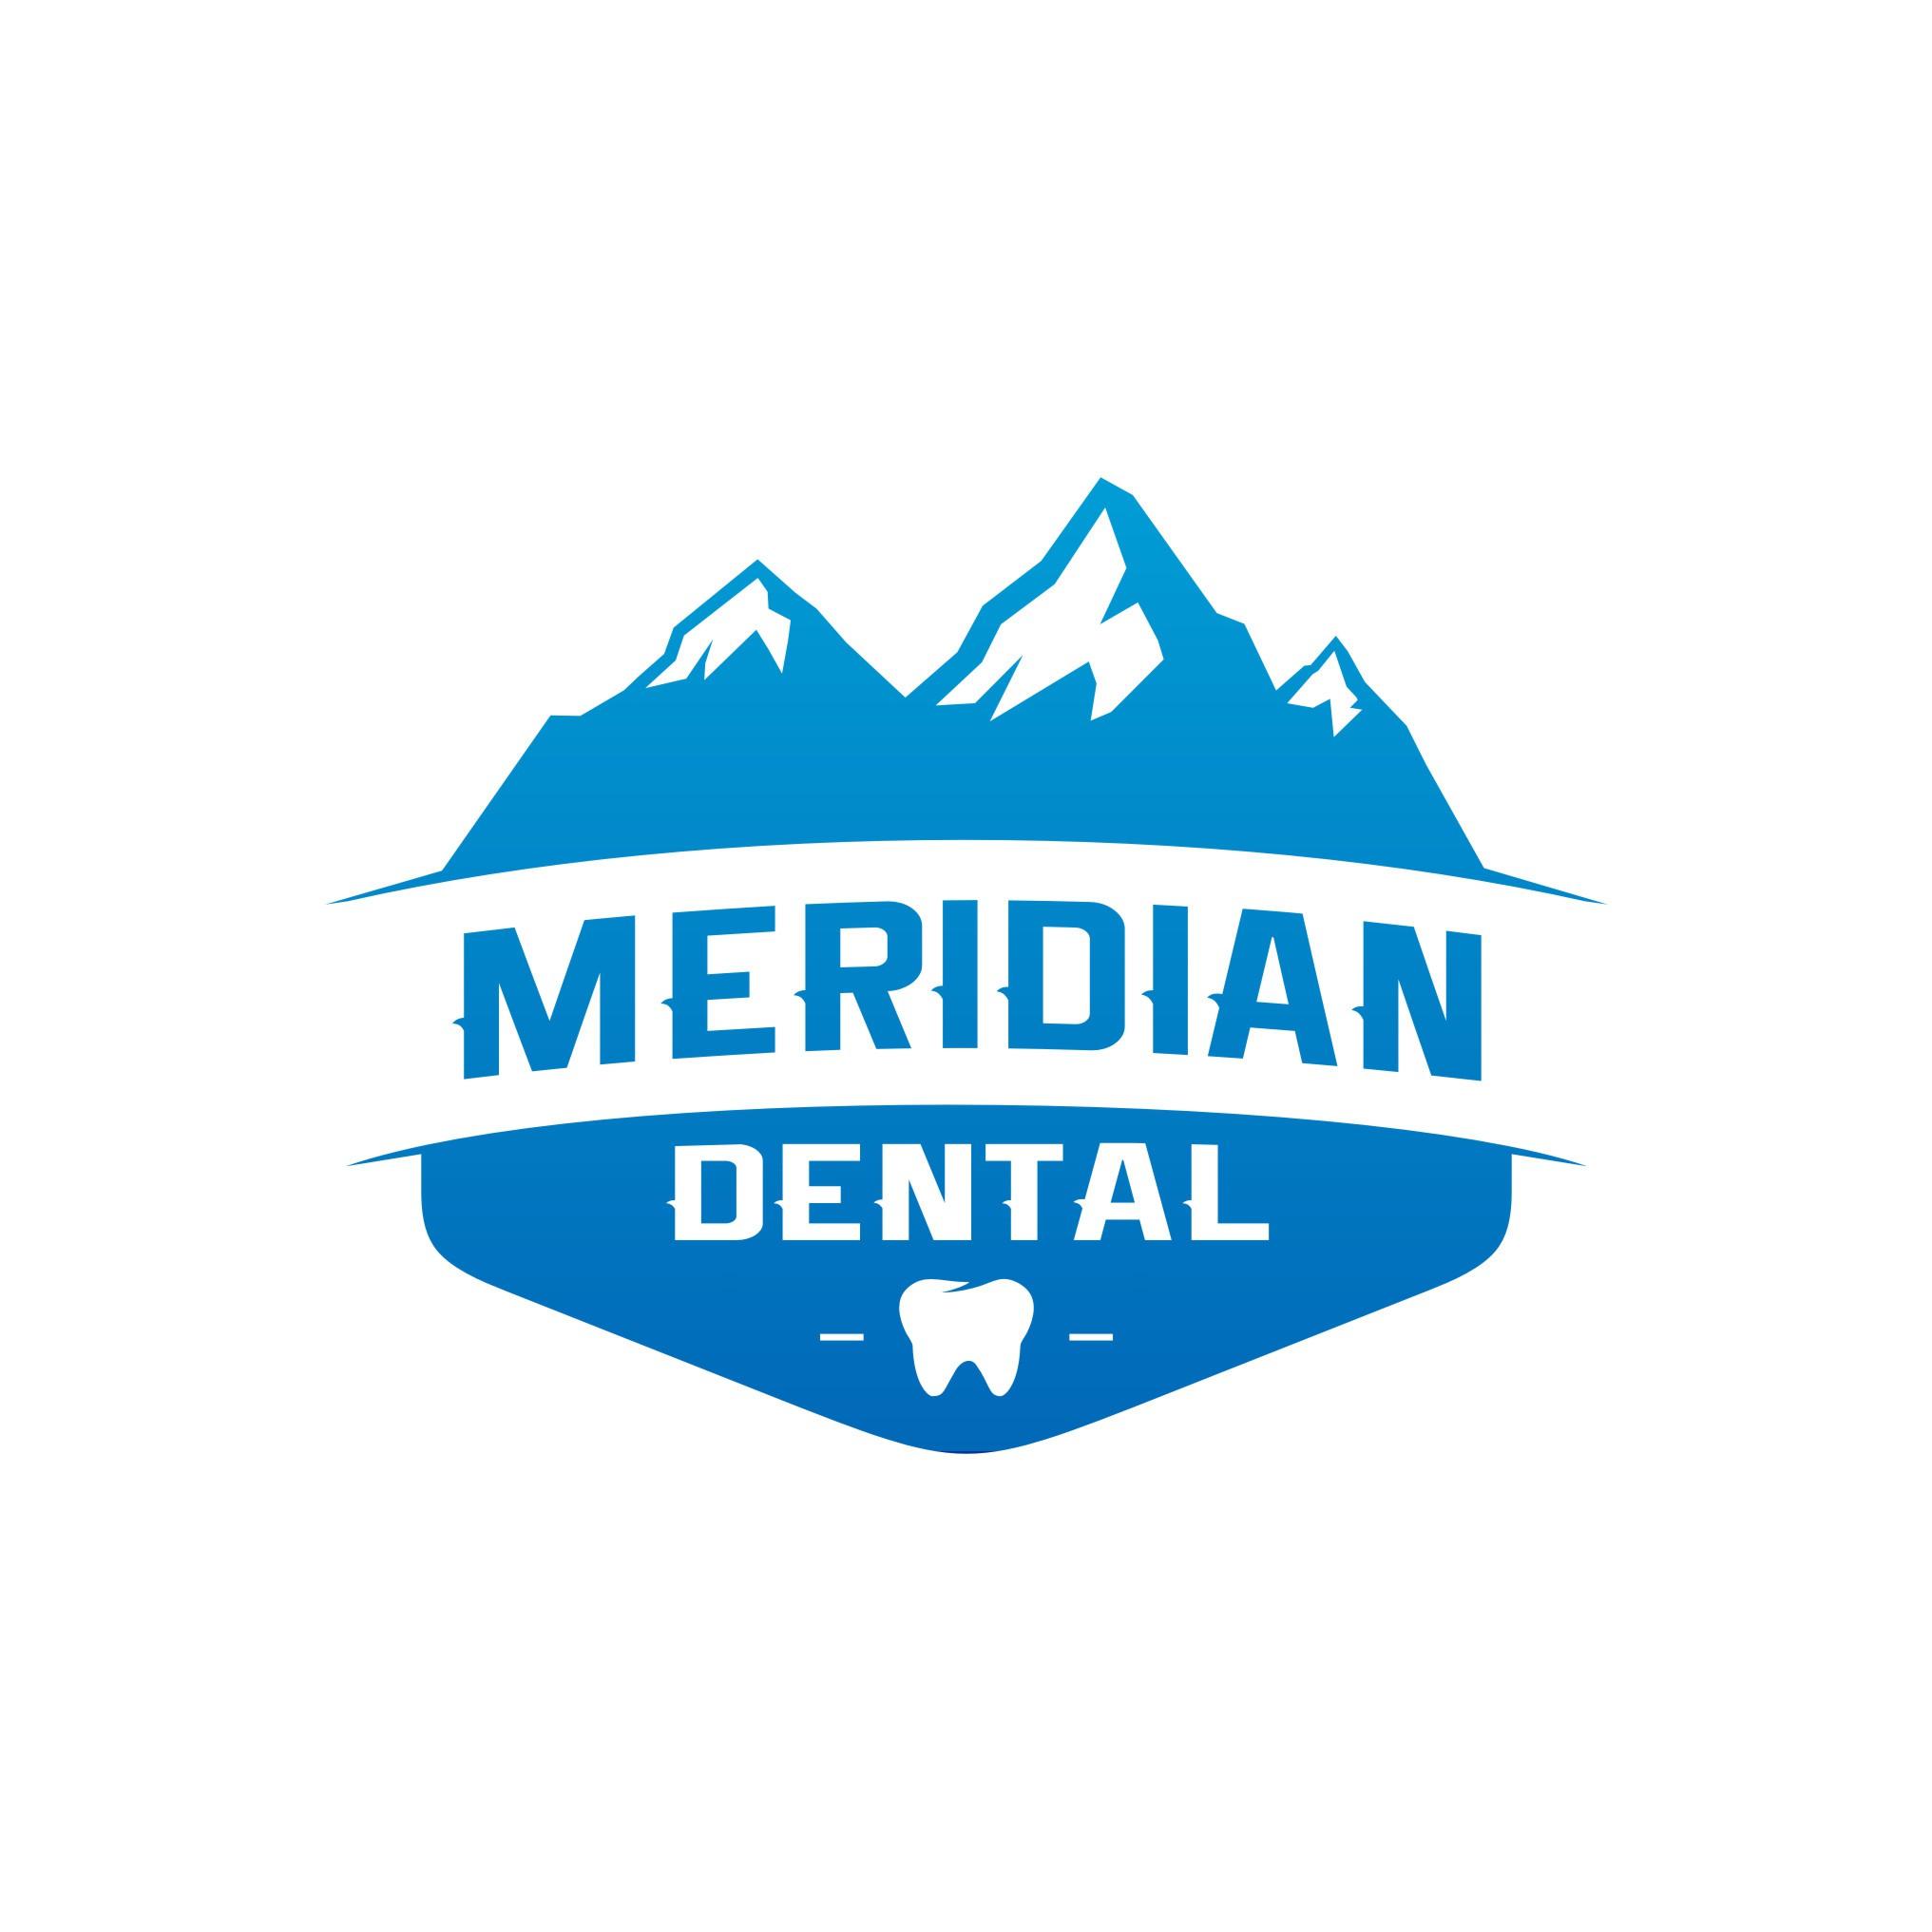 Alaska Dental office logo